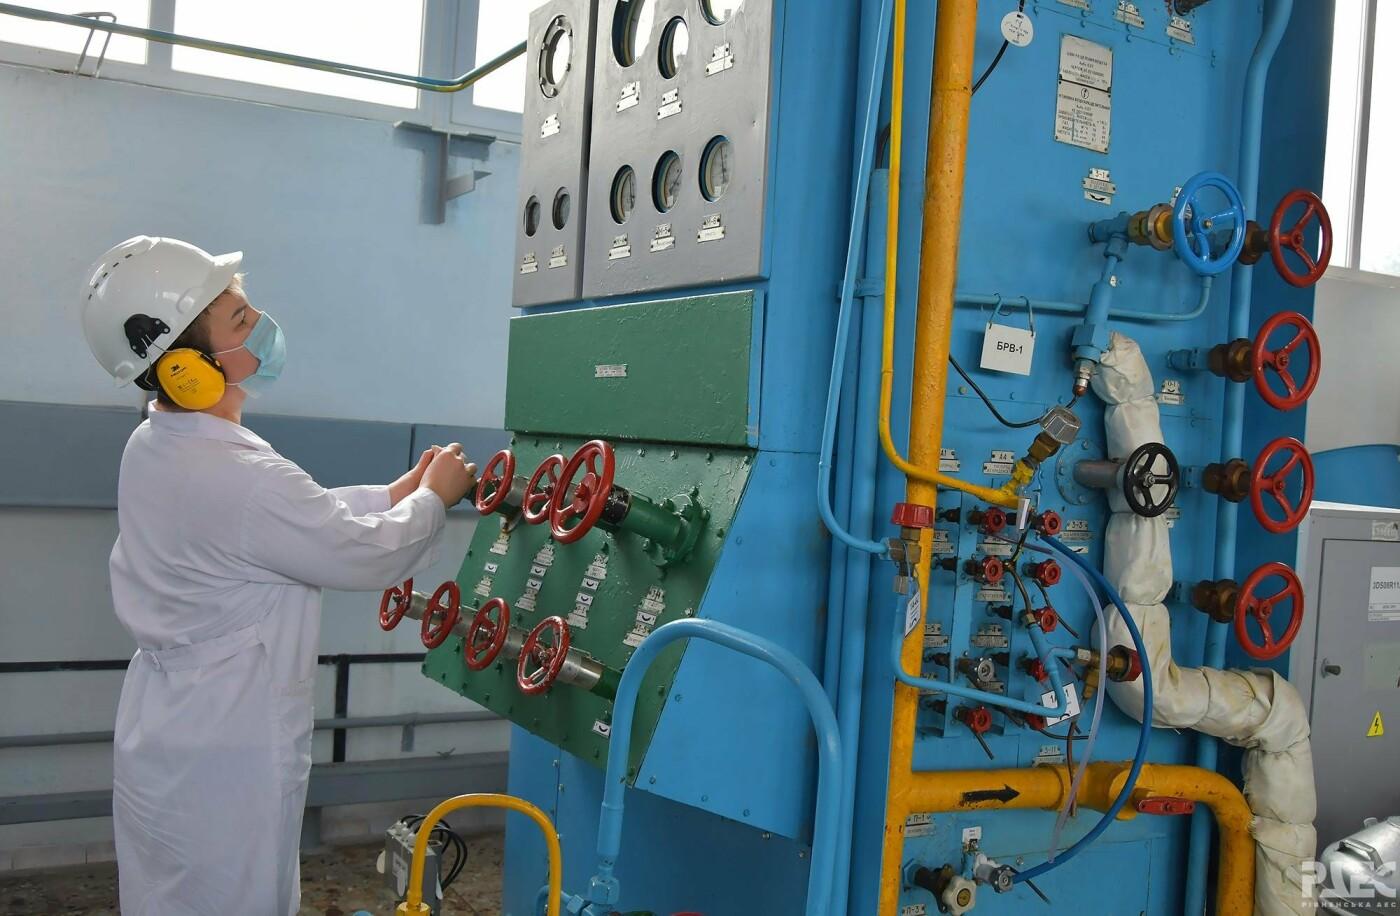 Рівненська АЕС виготовлятиме медичний кисень для допомоги у боротьбі з Covid-19, фото-2